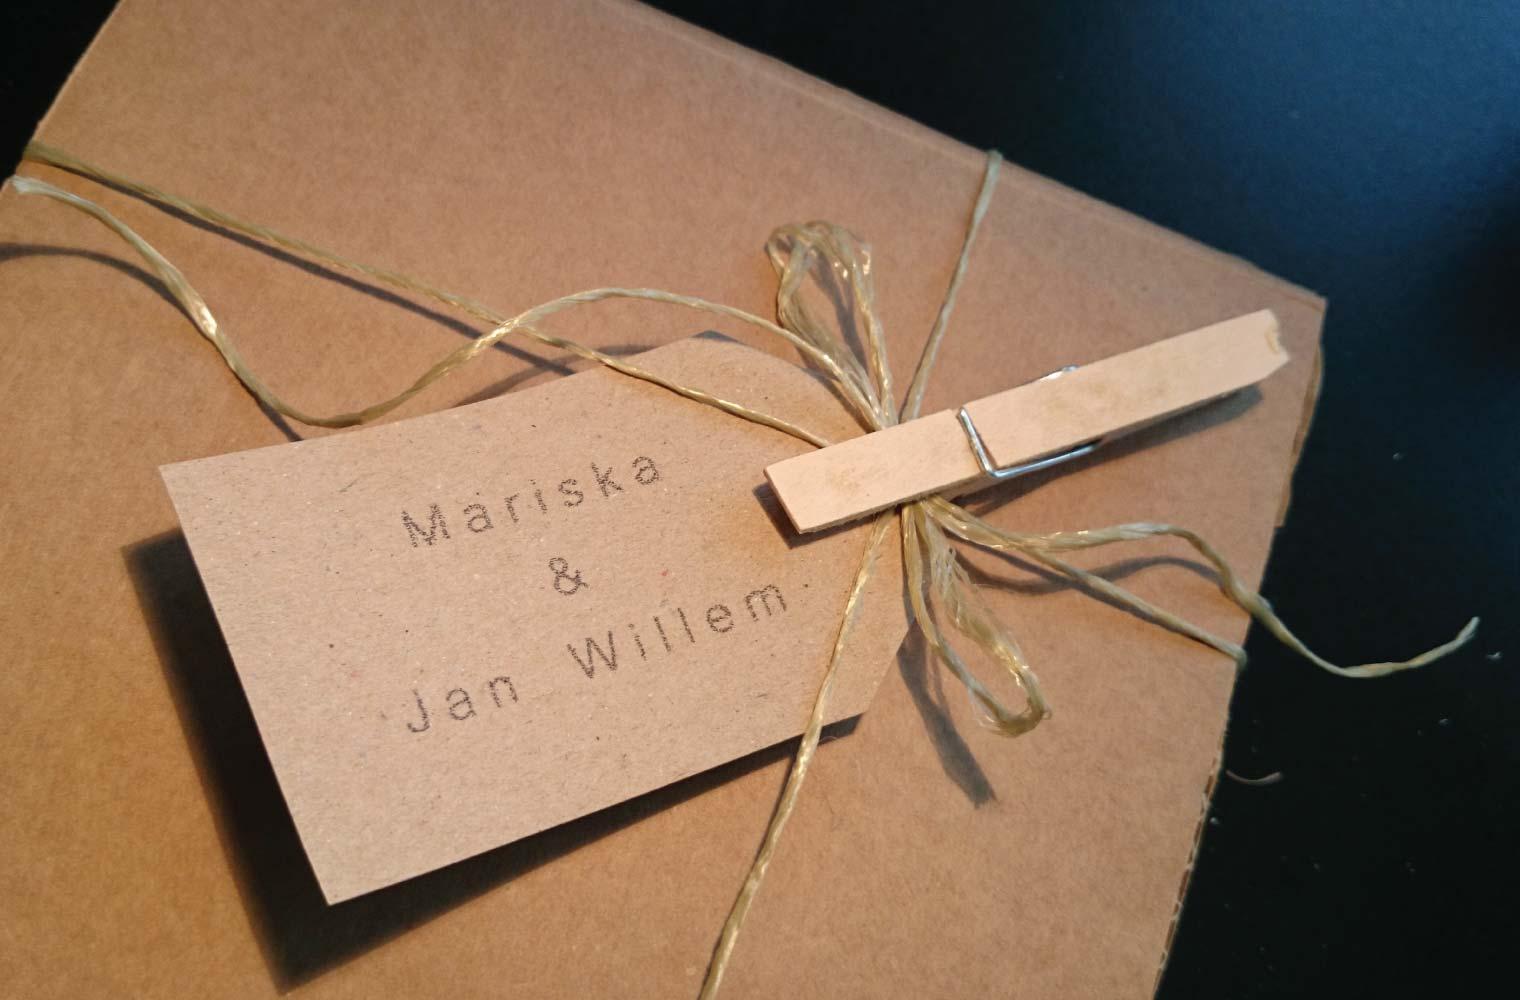 Doosje voor houtdruk Mariska & Jan Willem